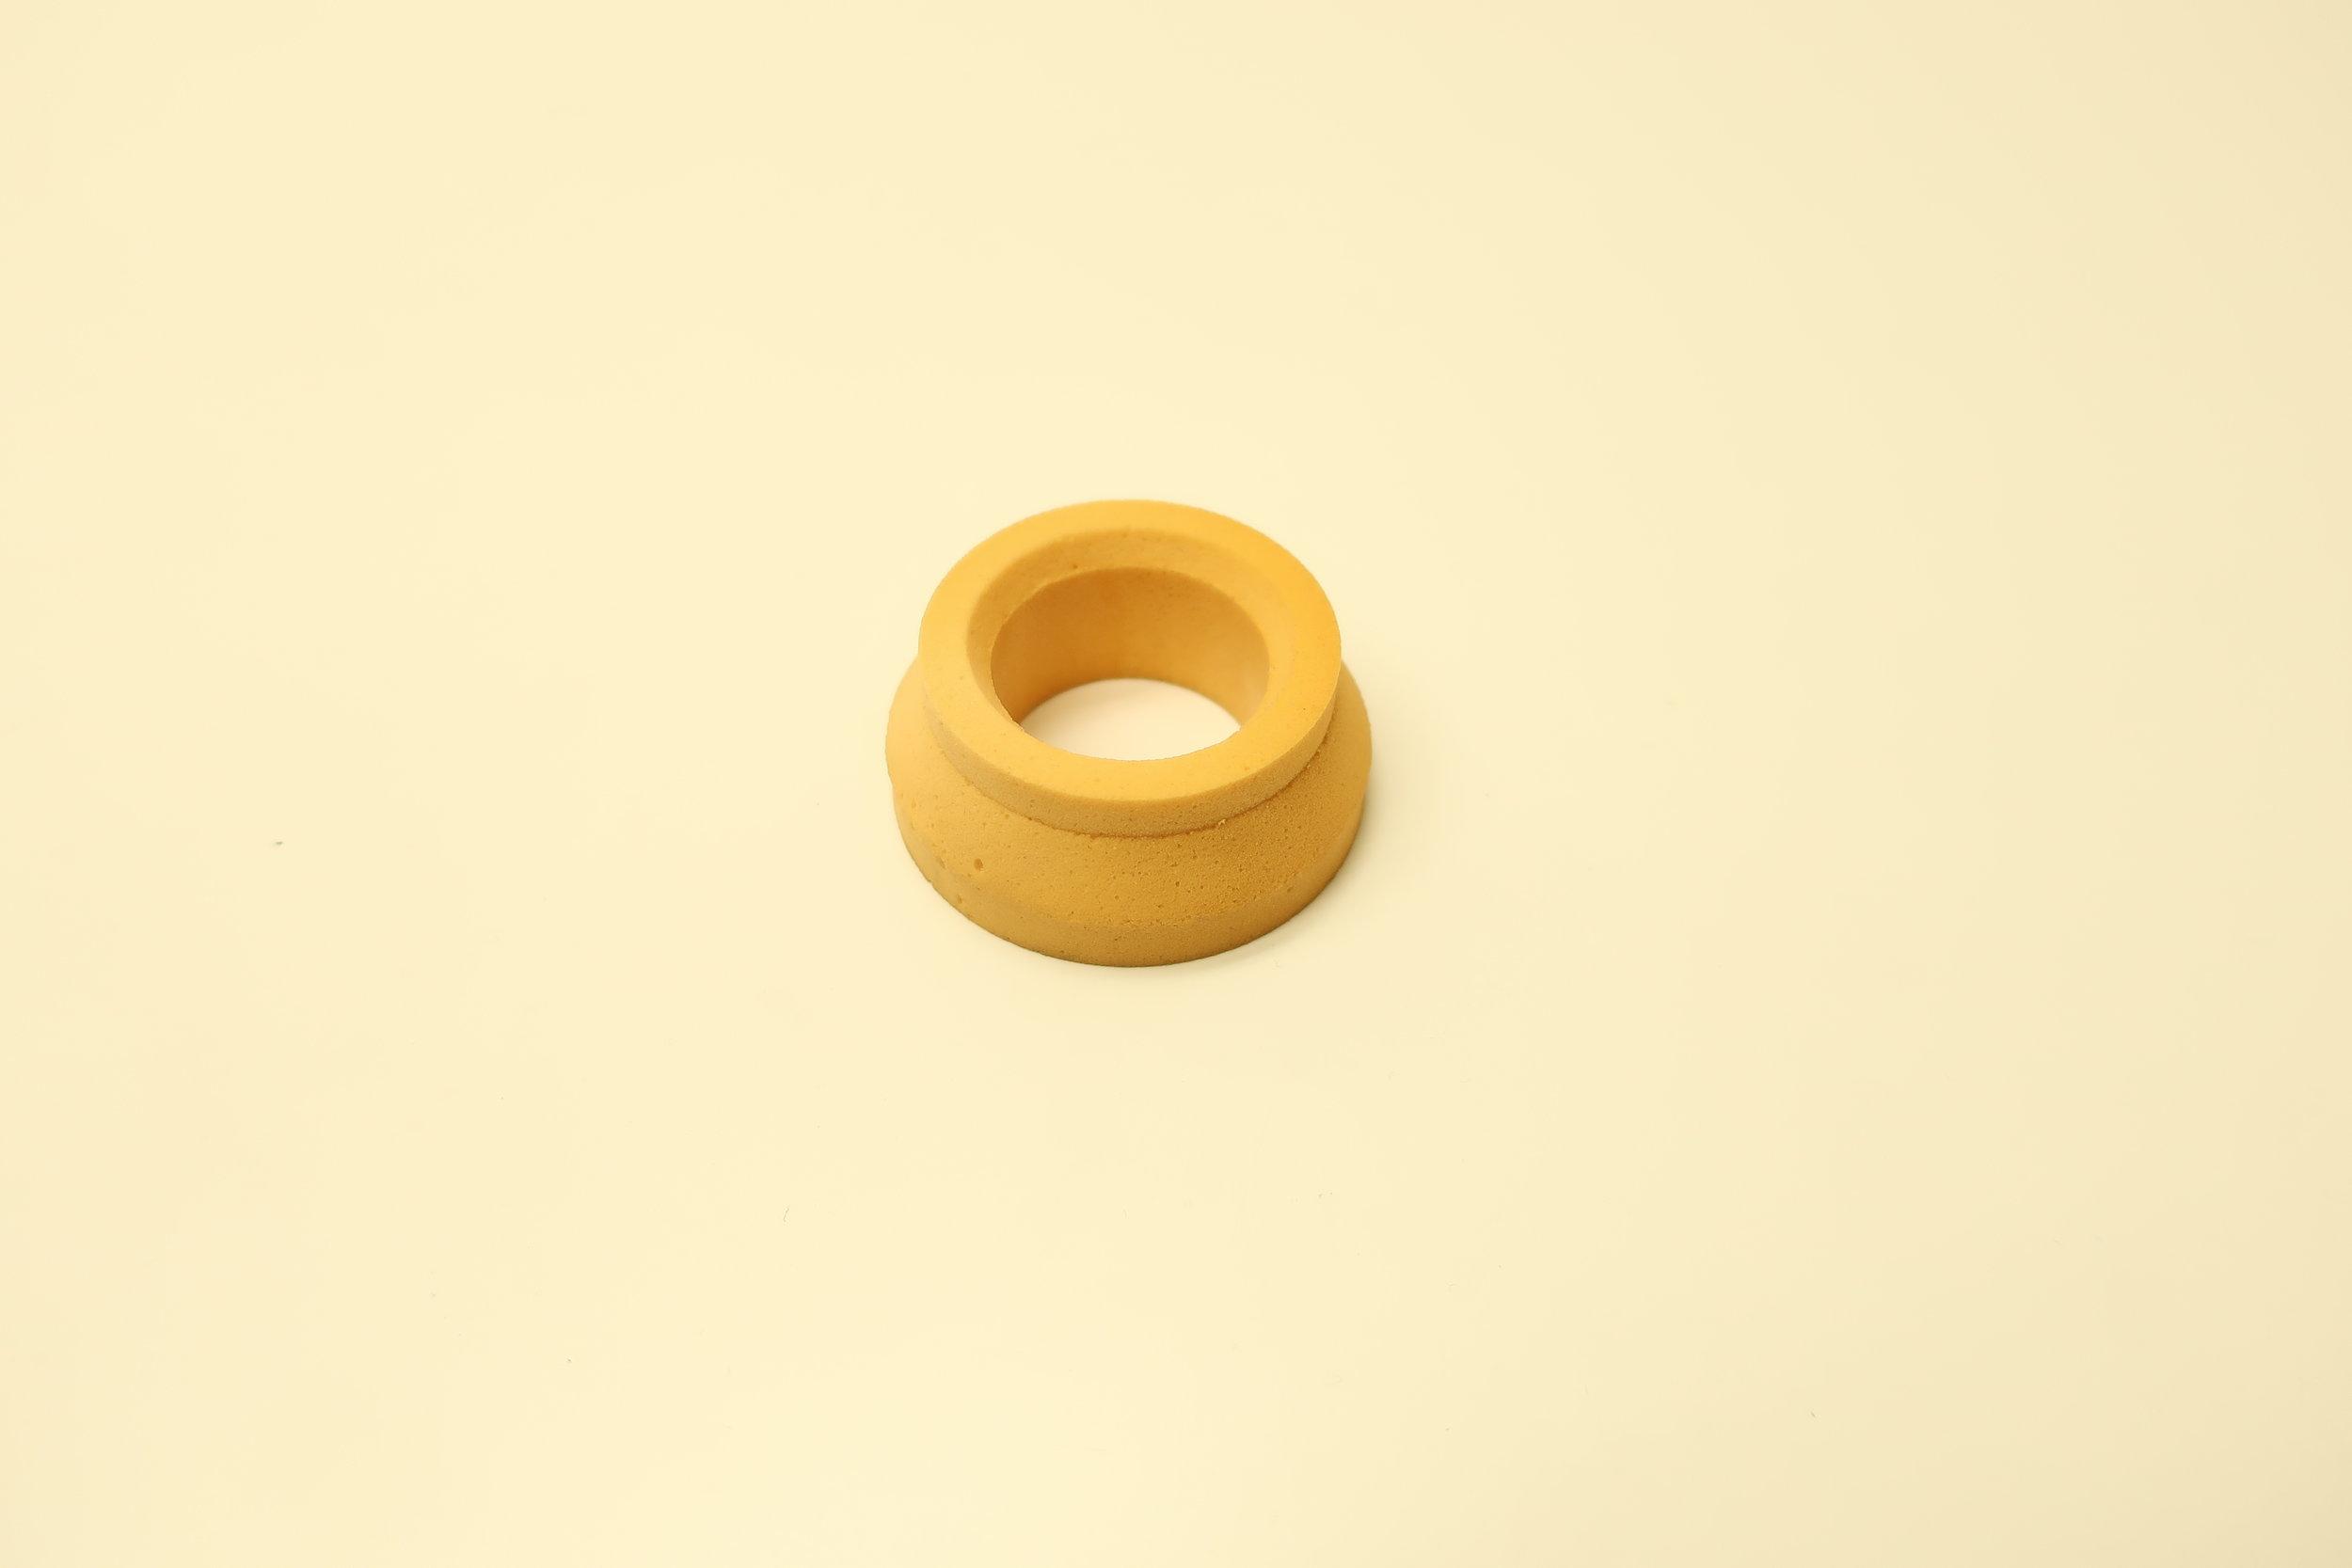 Damping Cylinder mount seal ring Häggo Nr: 453 6362-001 price: 120 SEK